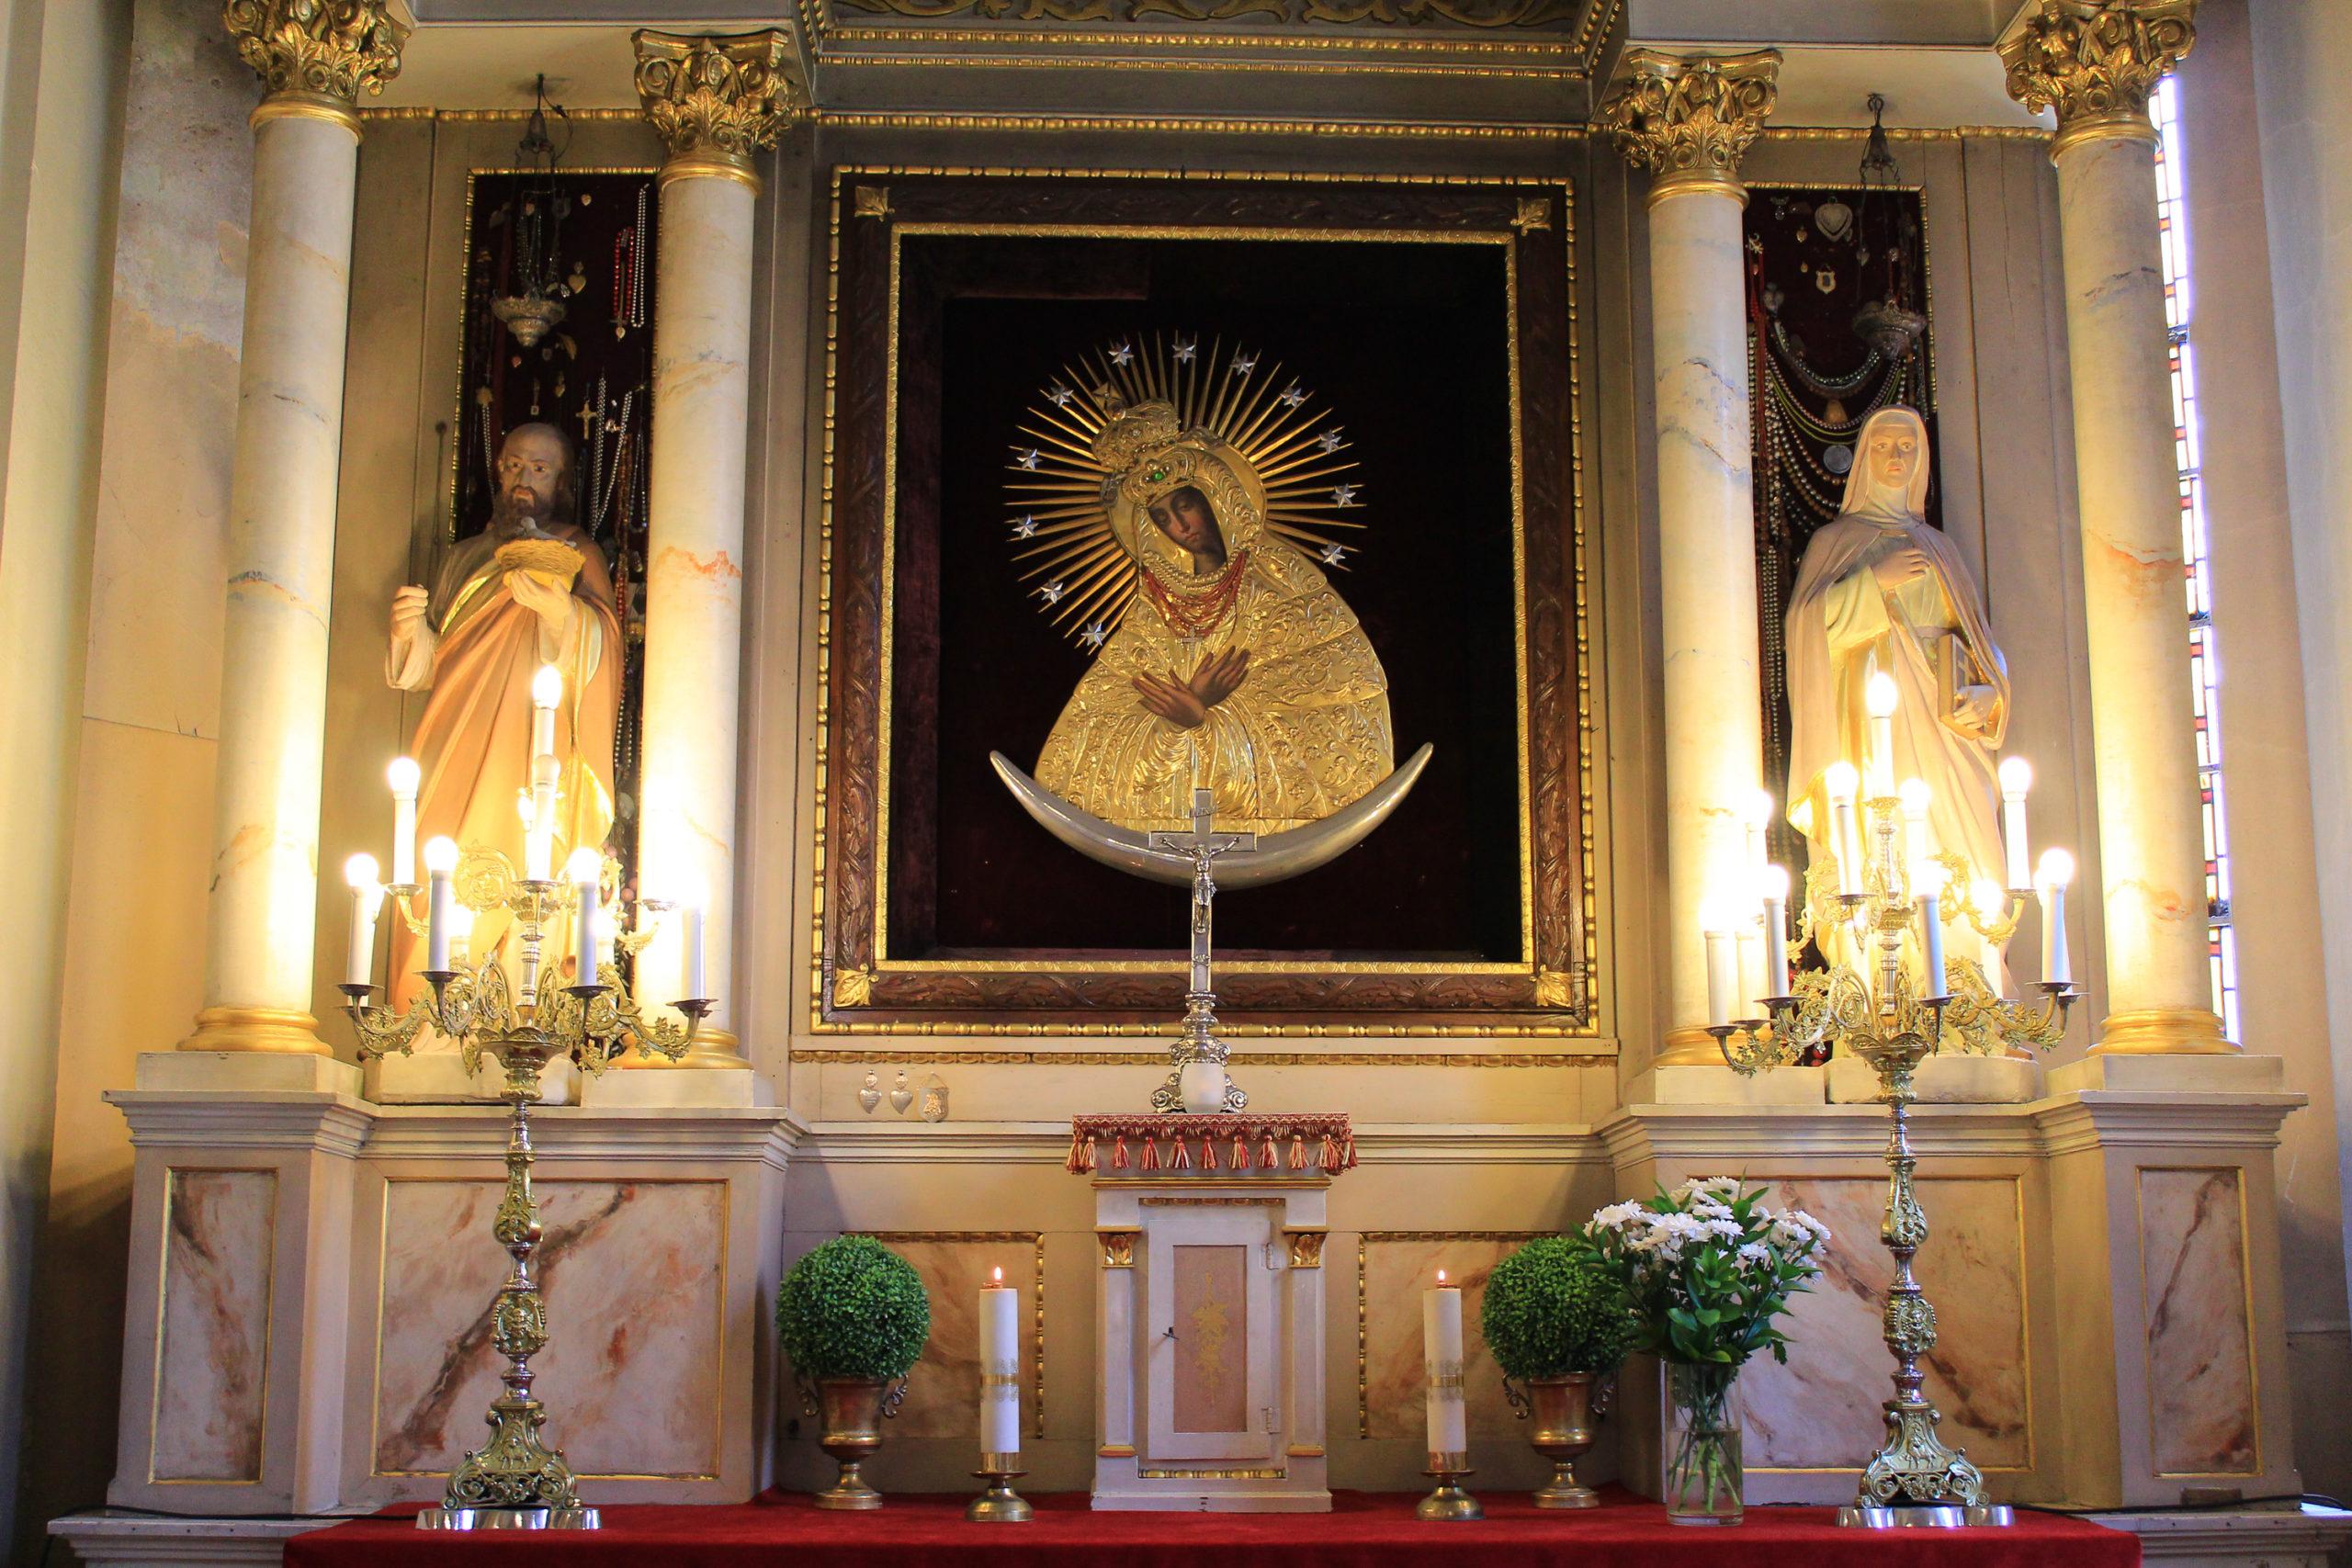 Ołtarz z obrazem Matki Bożej